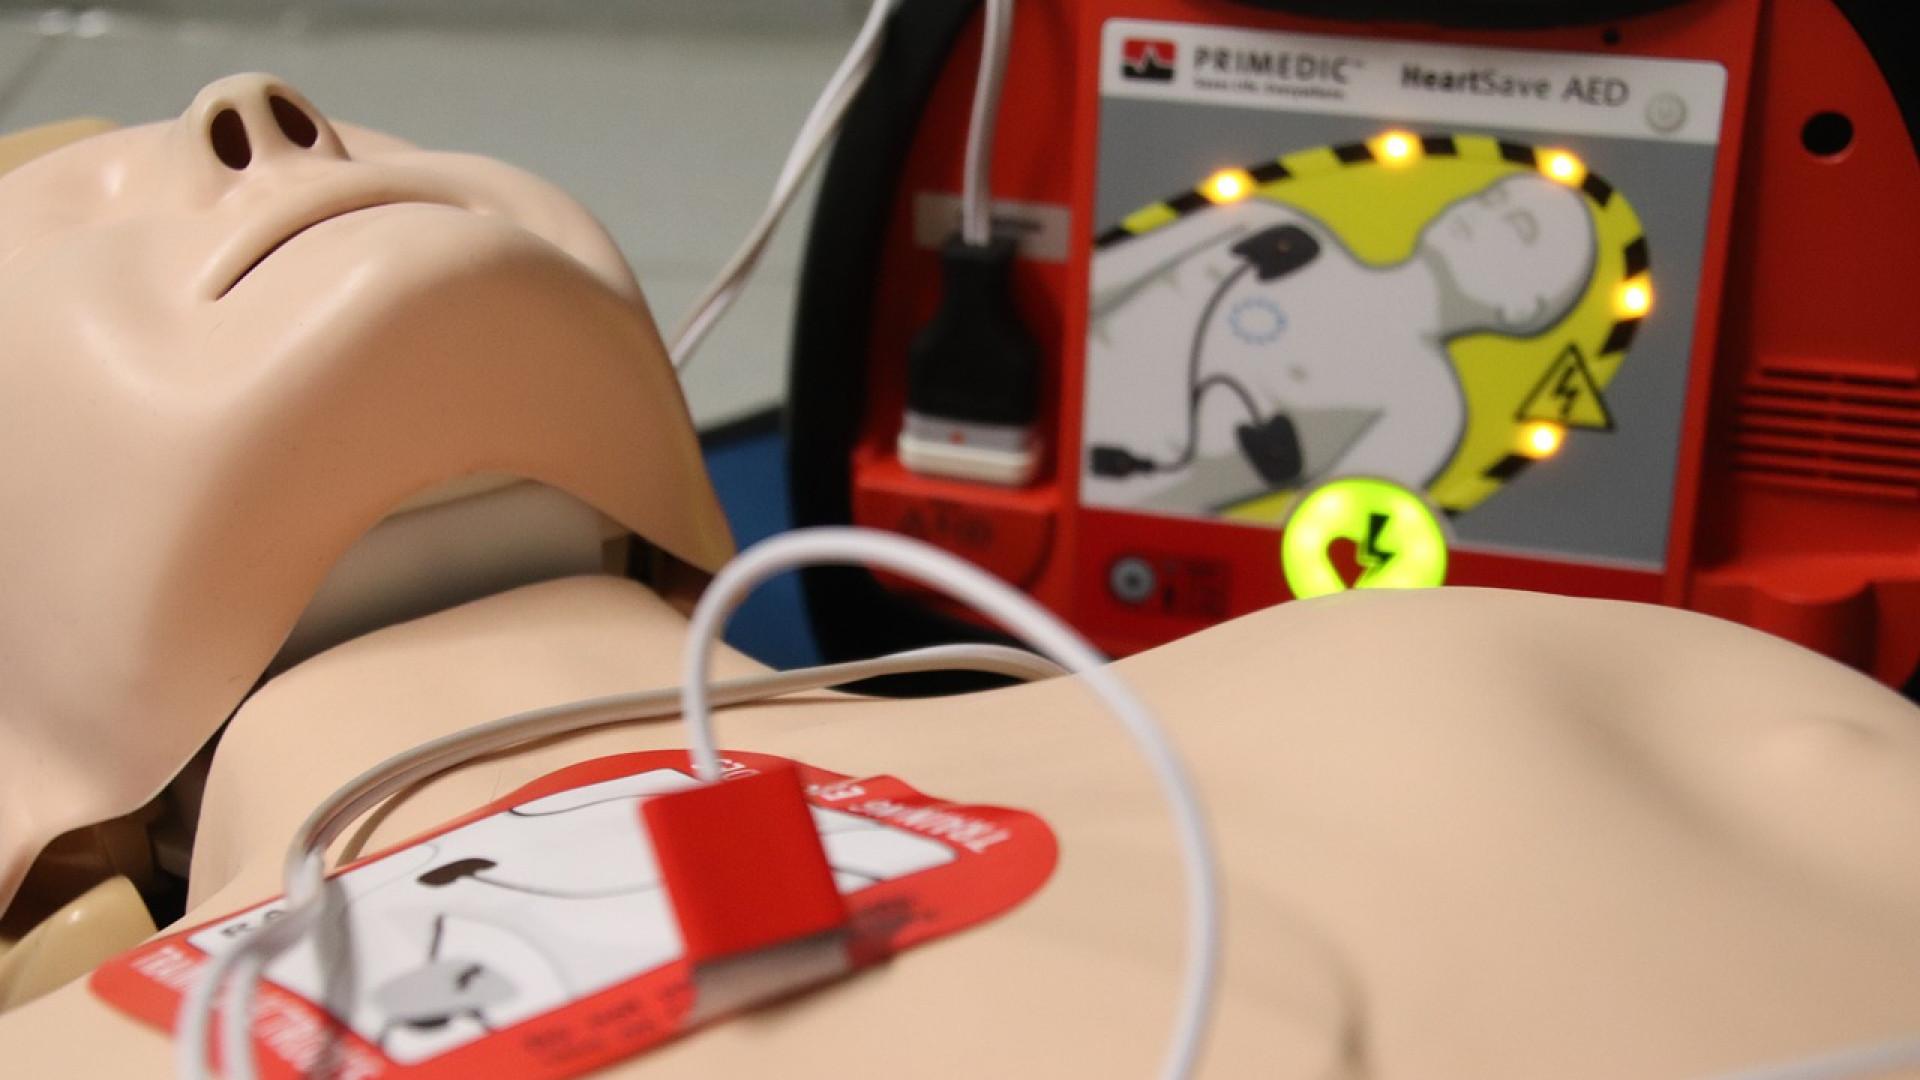 Comment choisir un défibrillateur grand public ?